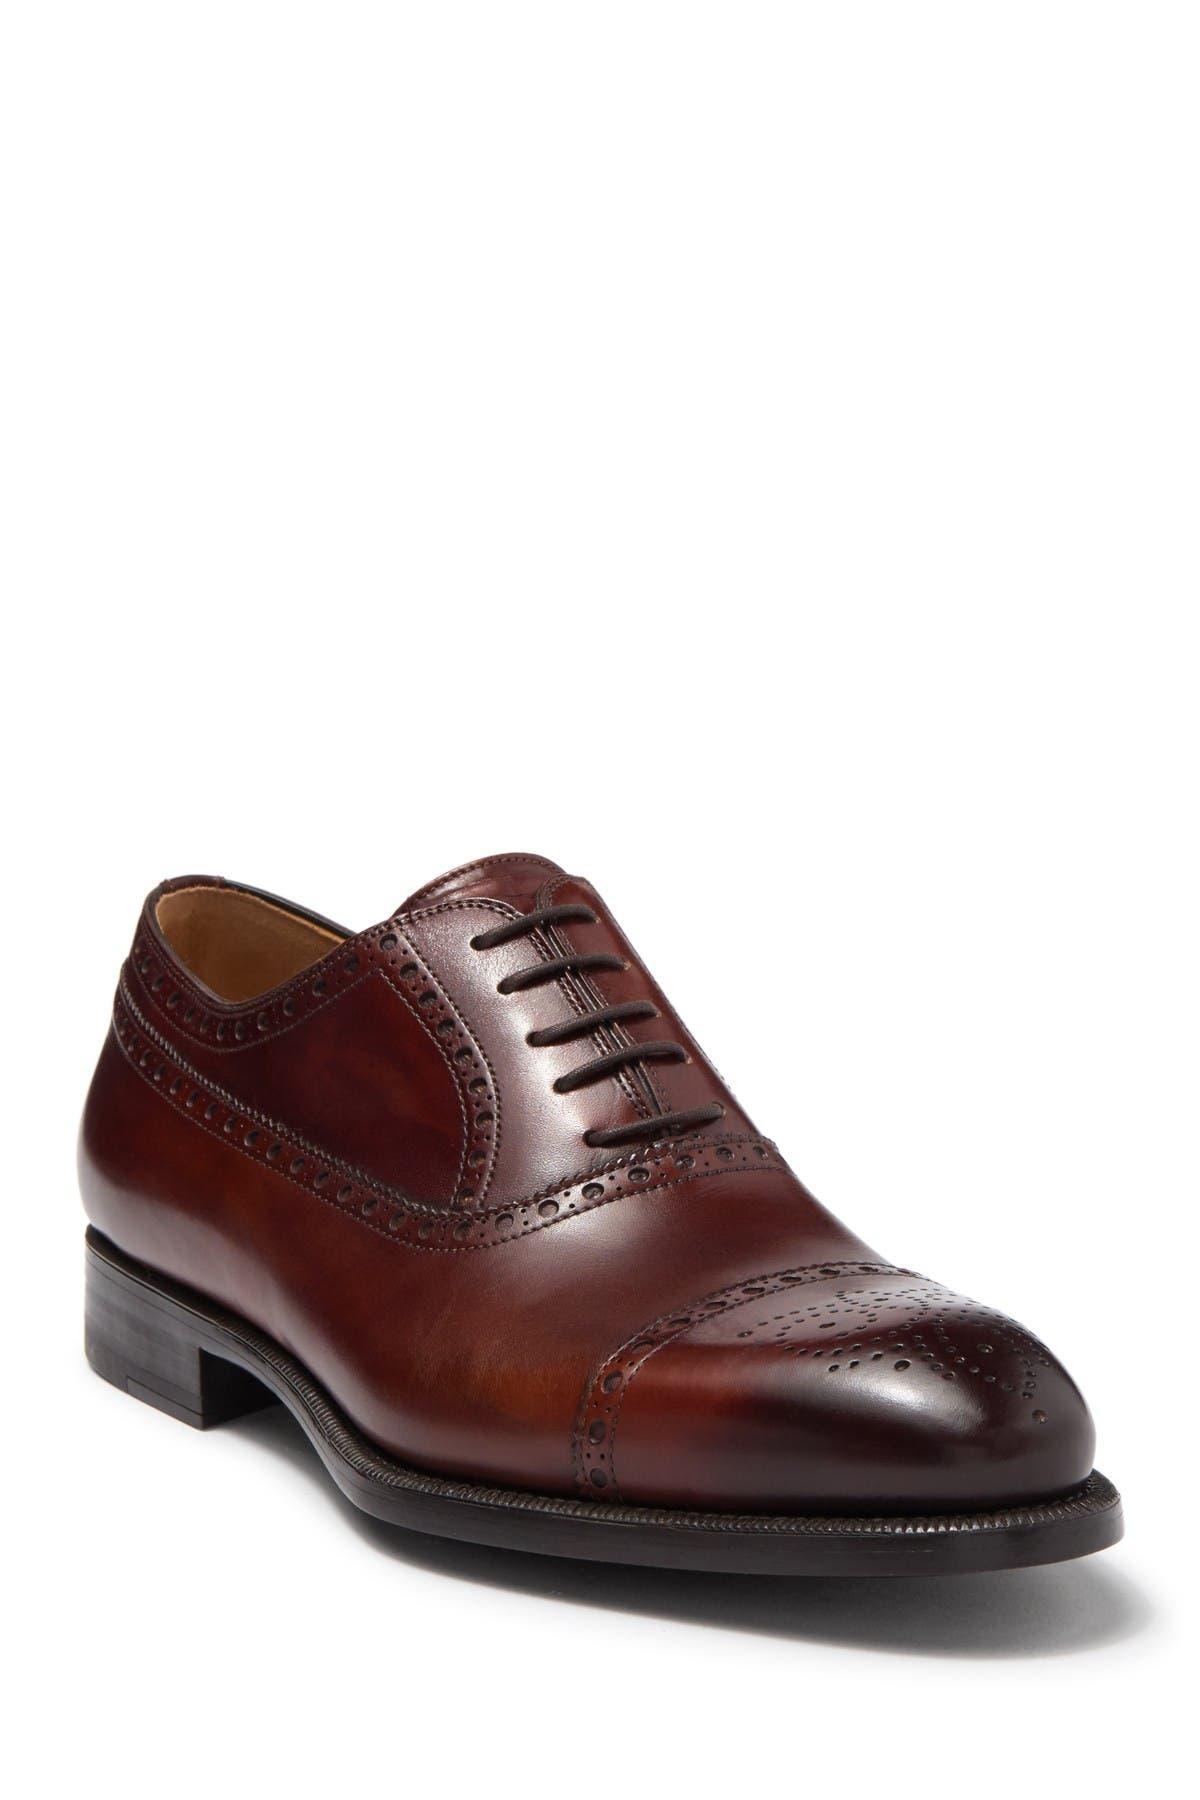 Magnanni | Seton Leather Cap Toe Oxford